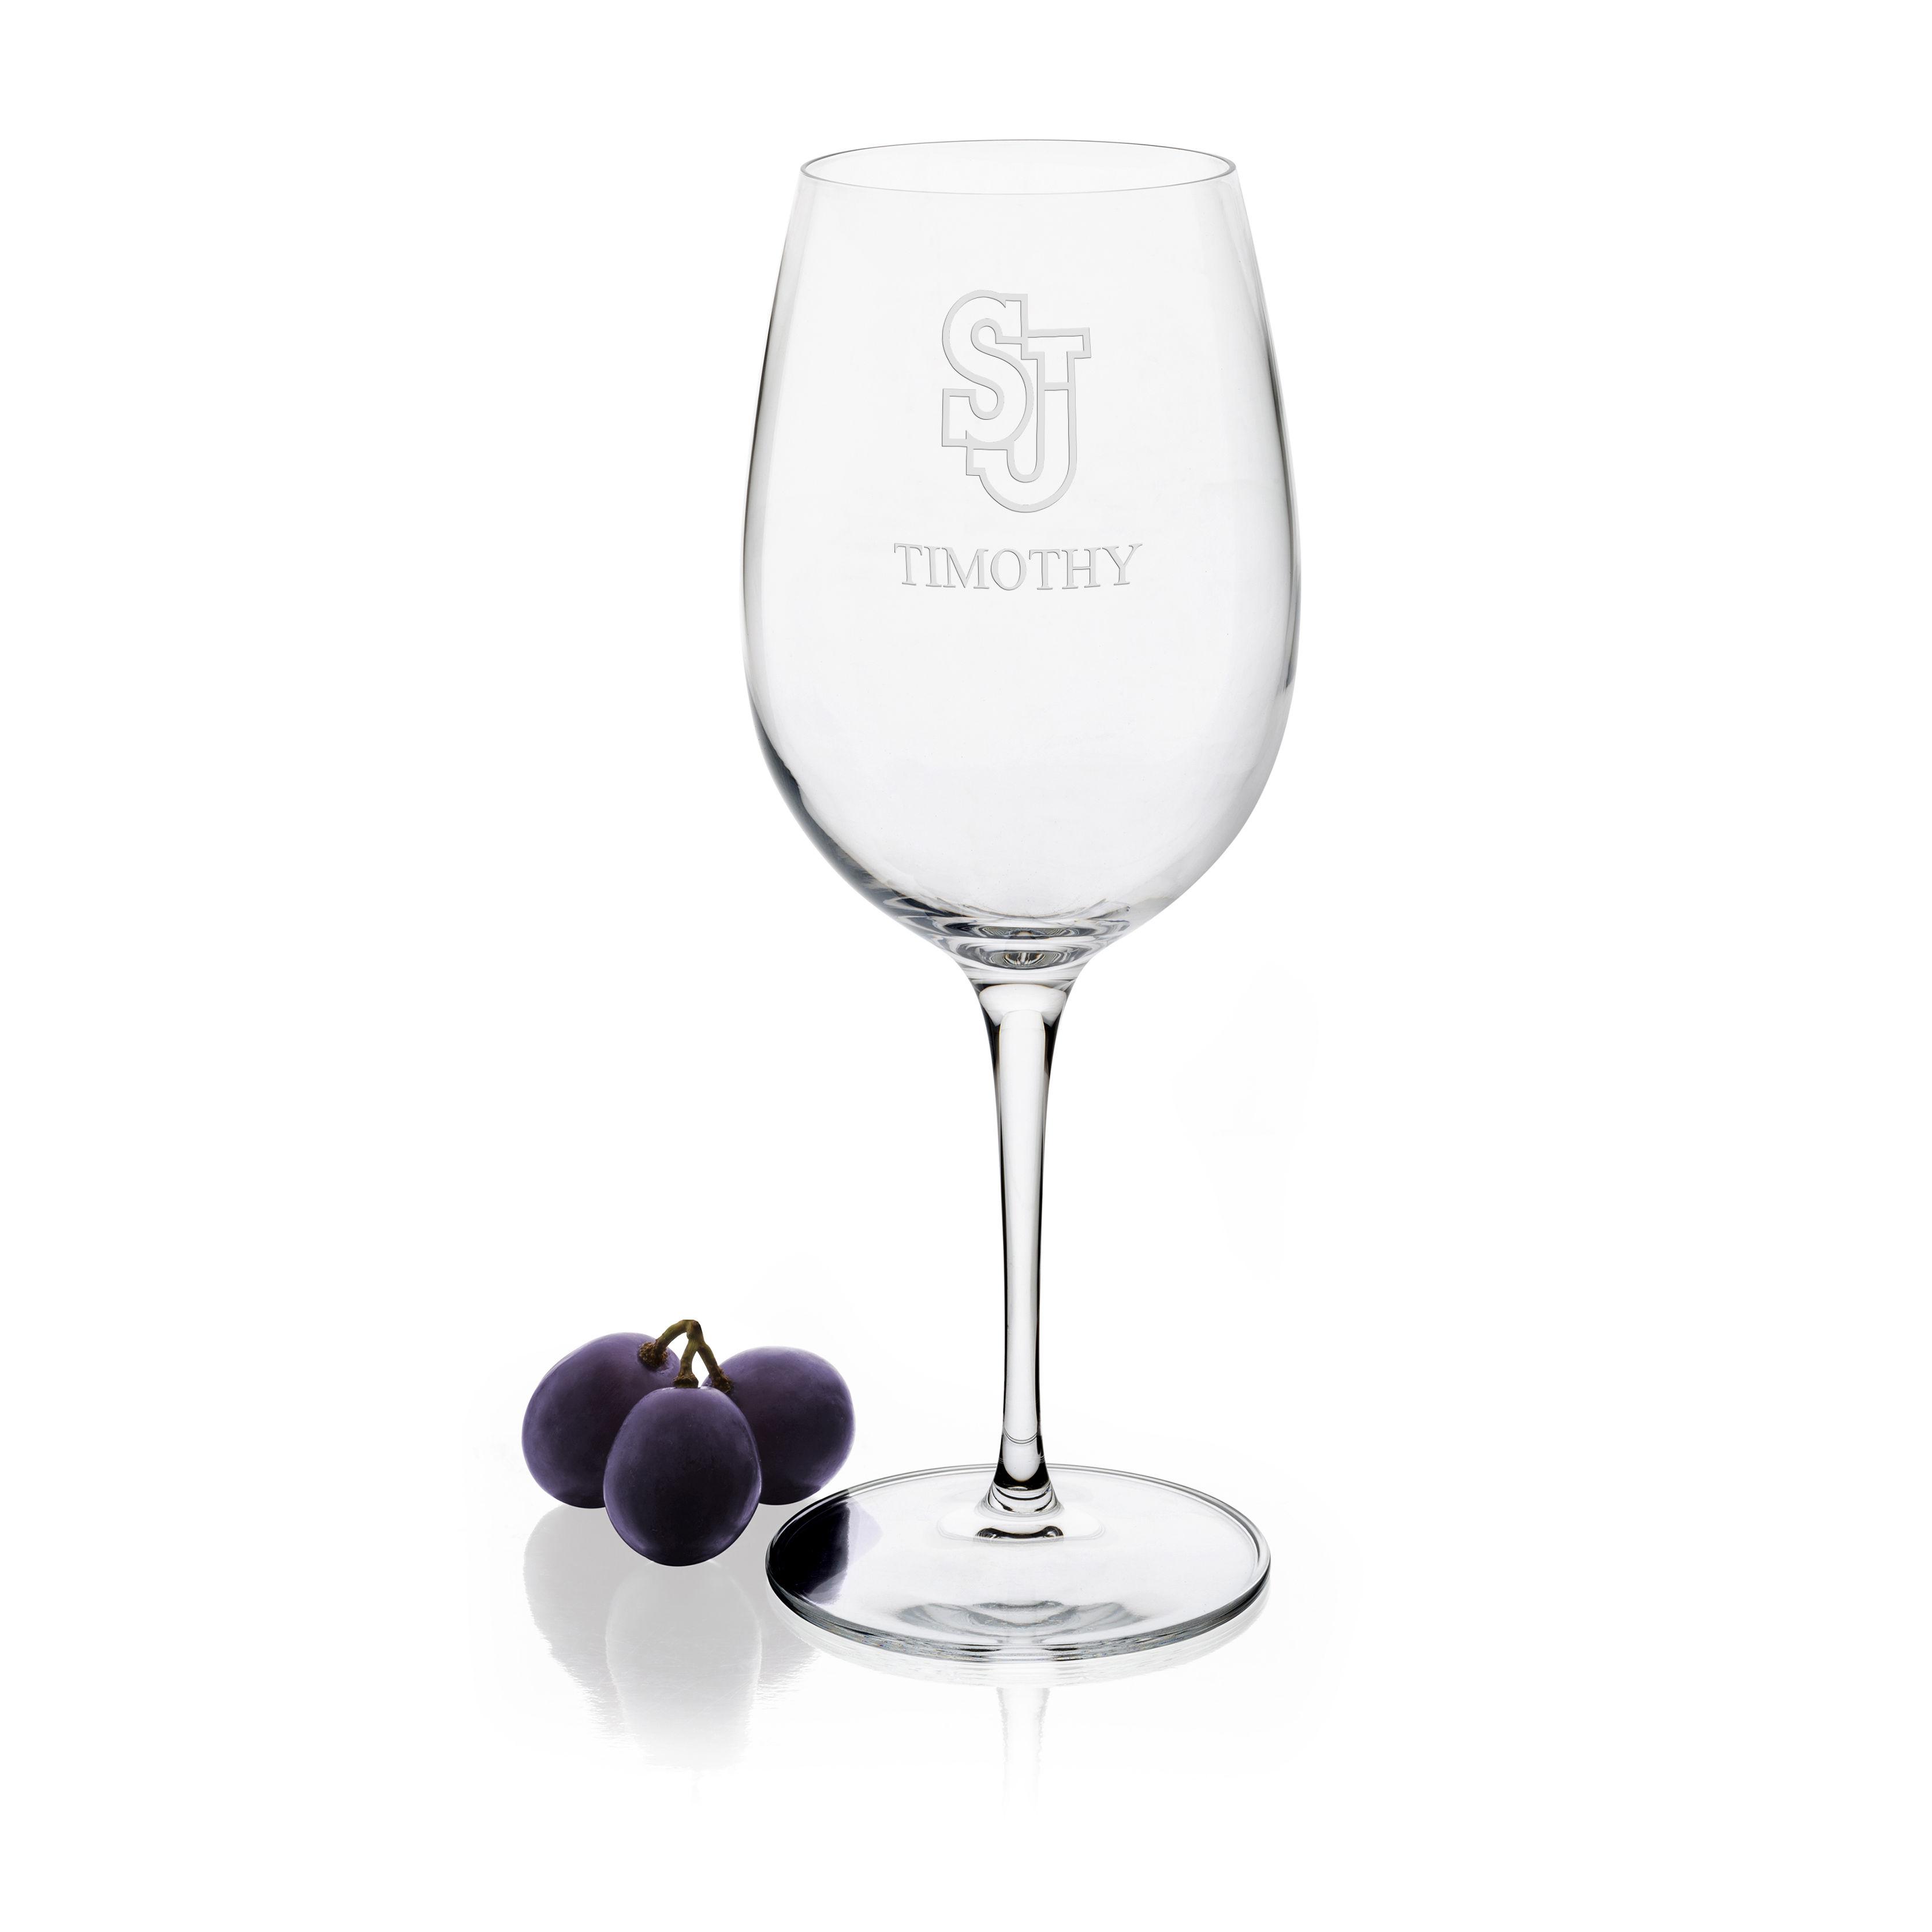 St. John's University Red Wine Glasses - Set of 2